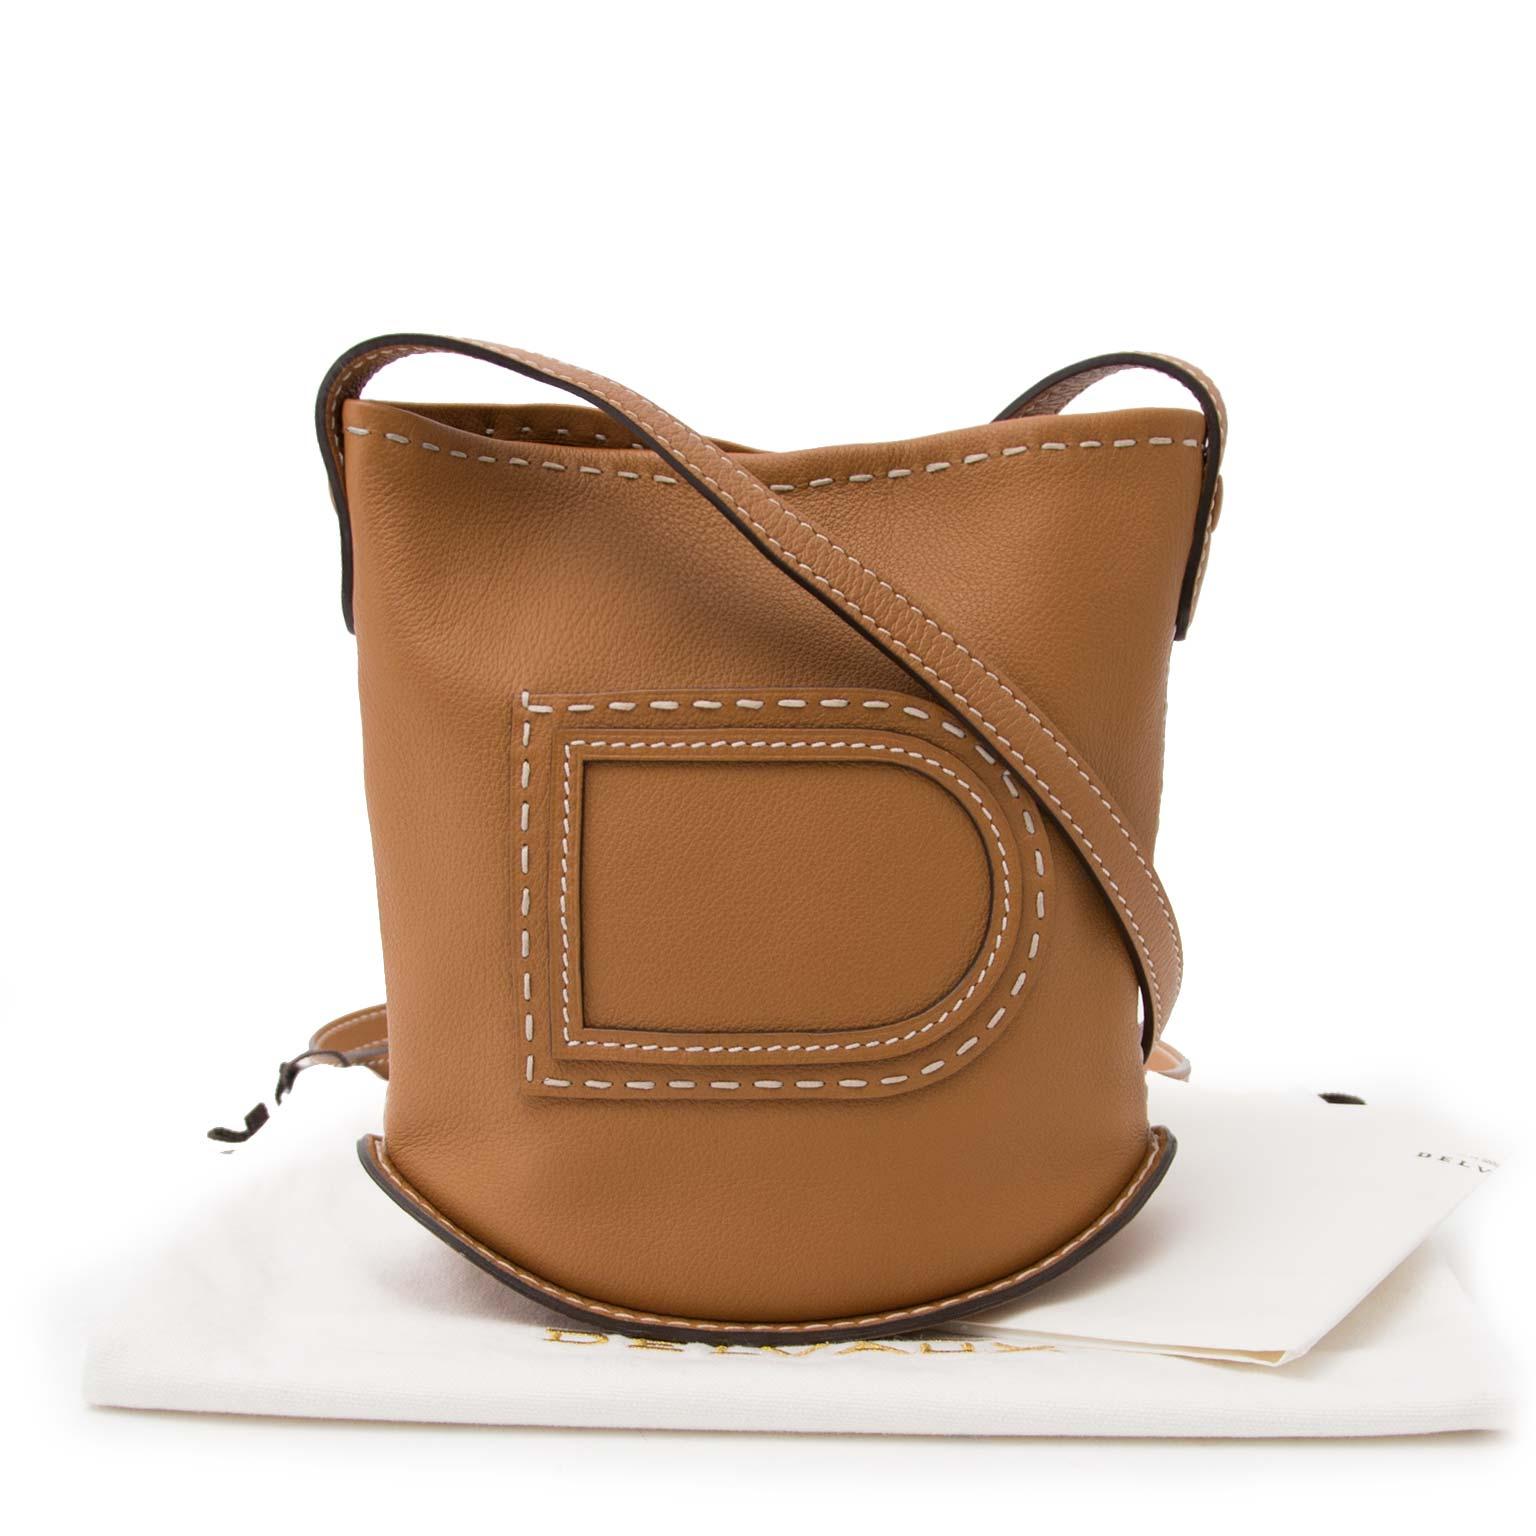 shop safe online your secondhand Delvaux Le Pin Mini Stitched